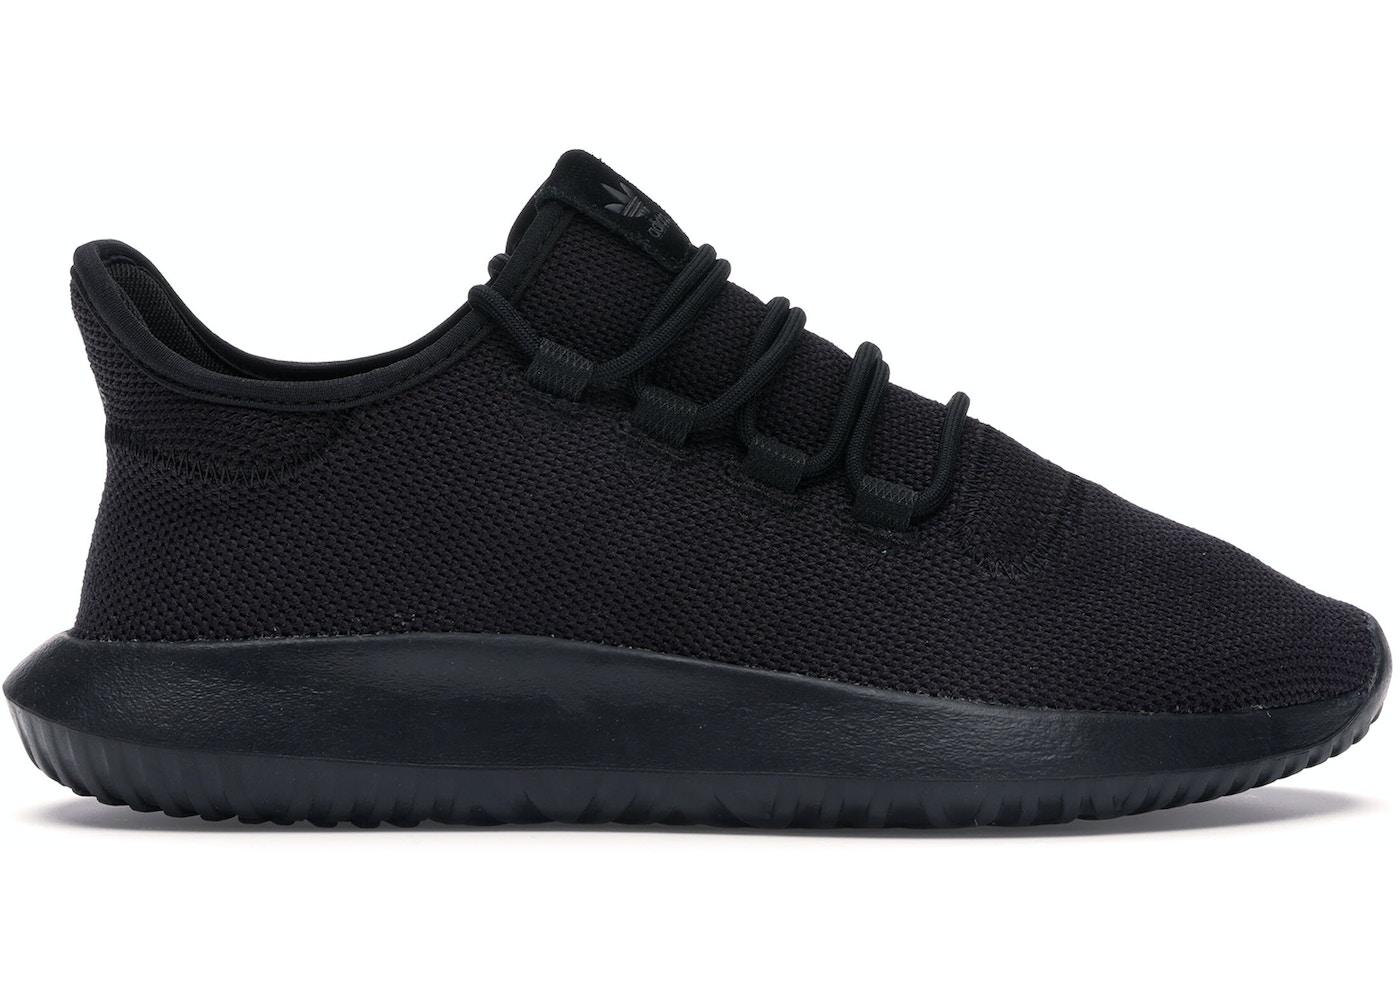 on sale 5f09a cb447 adidas Tubular Shadow Core Black